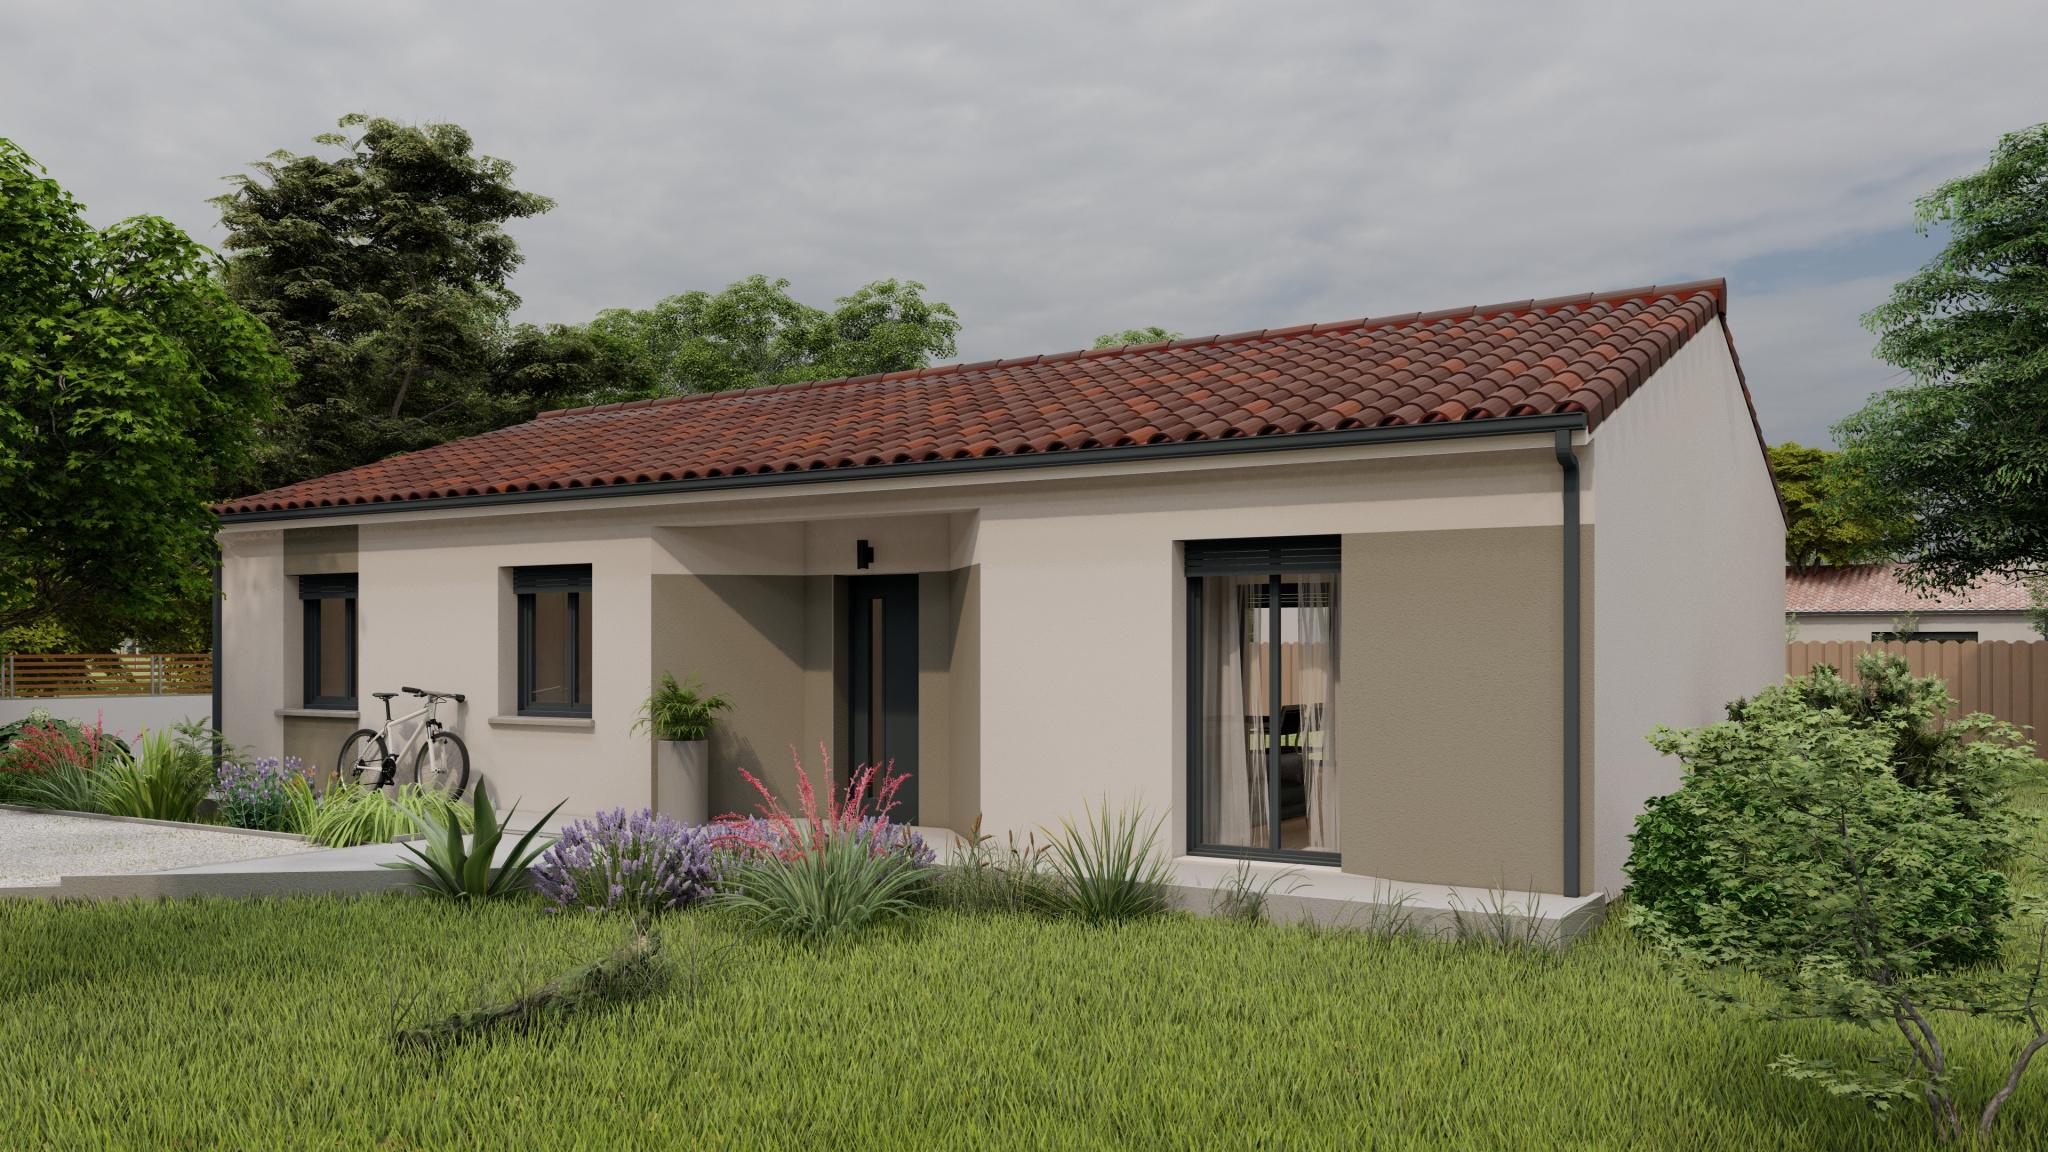 Vente maison à Fumel (47500) de 102 m2 habitable sur terrain de 1635 m2